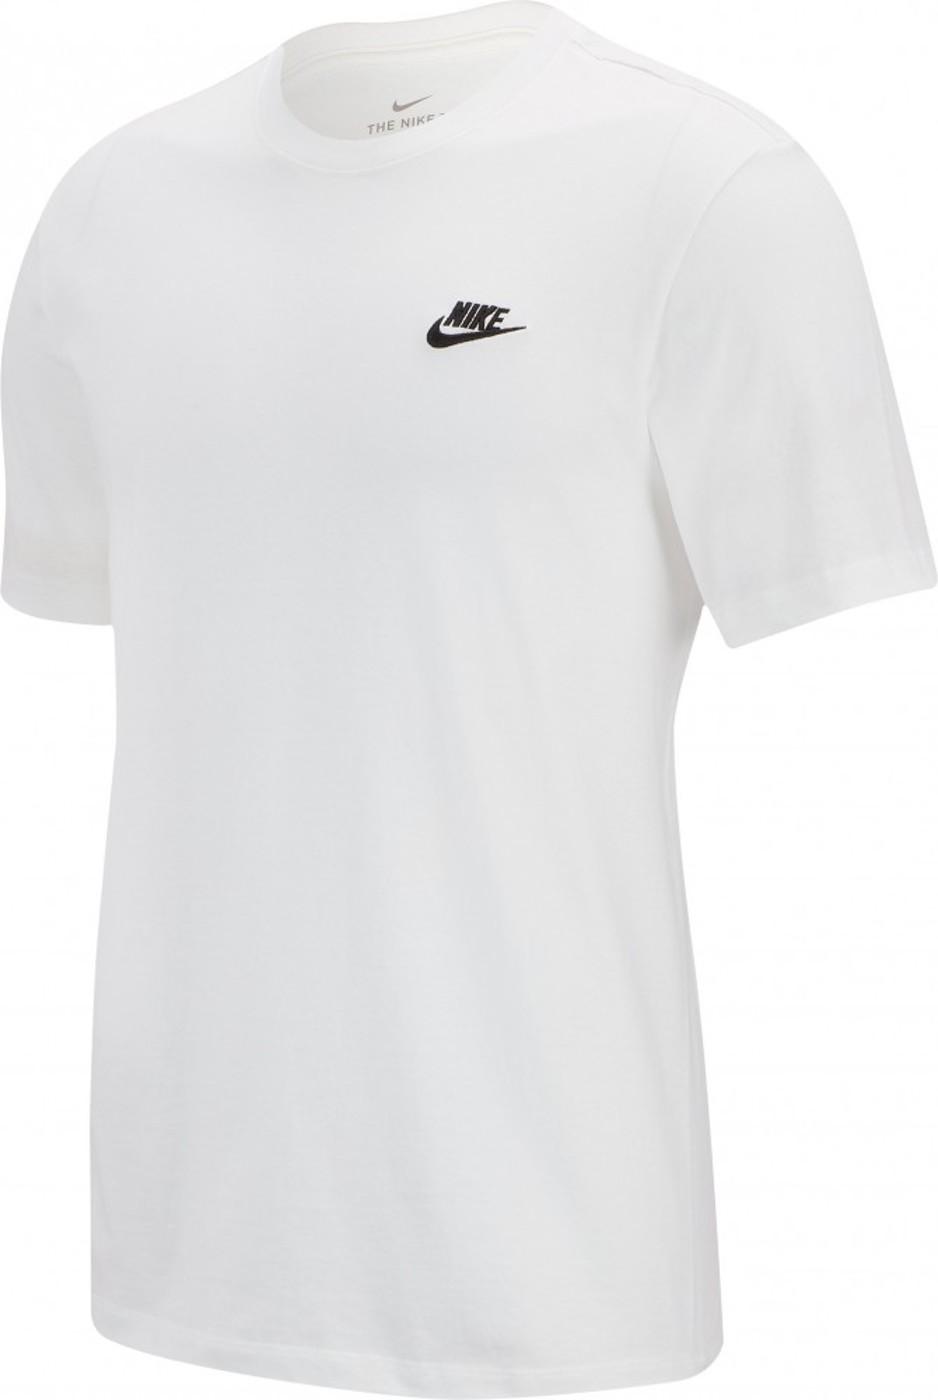 Nike Sportswear Club T-S - Herren